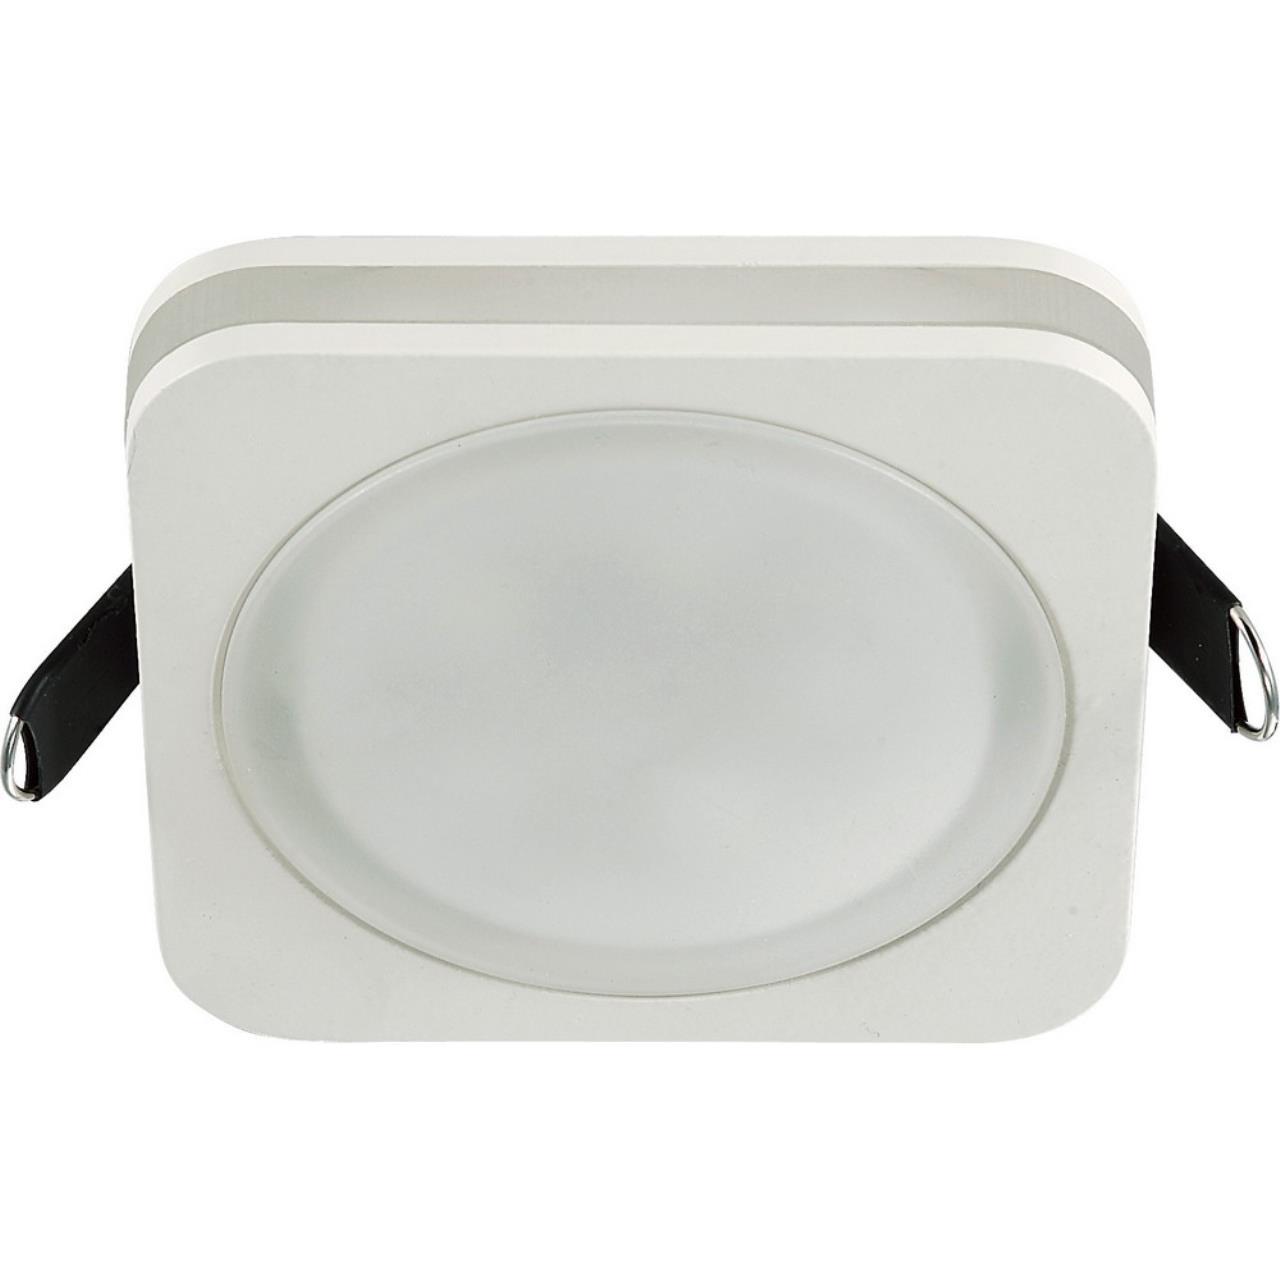 Встраиваемый-накладной светильник Aployt APL.0024.09.10